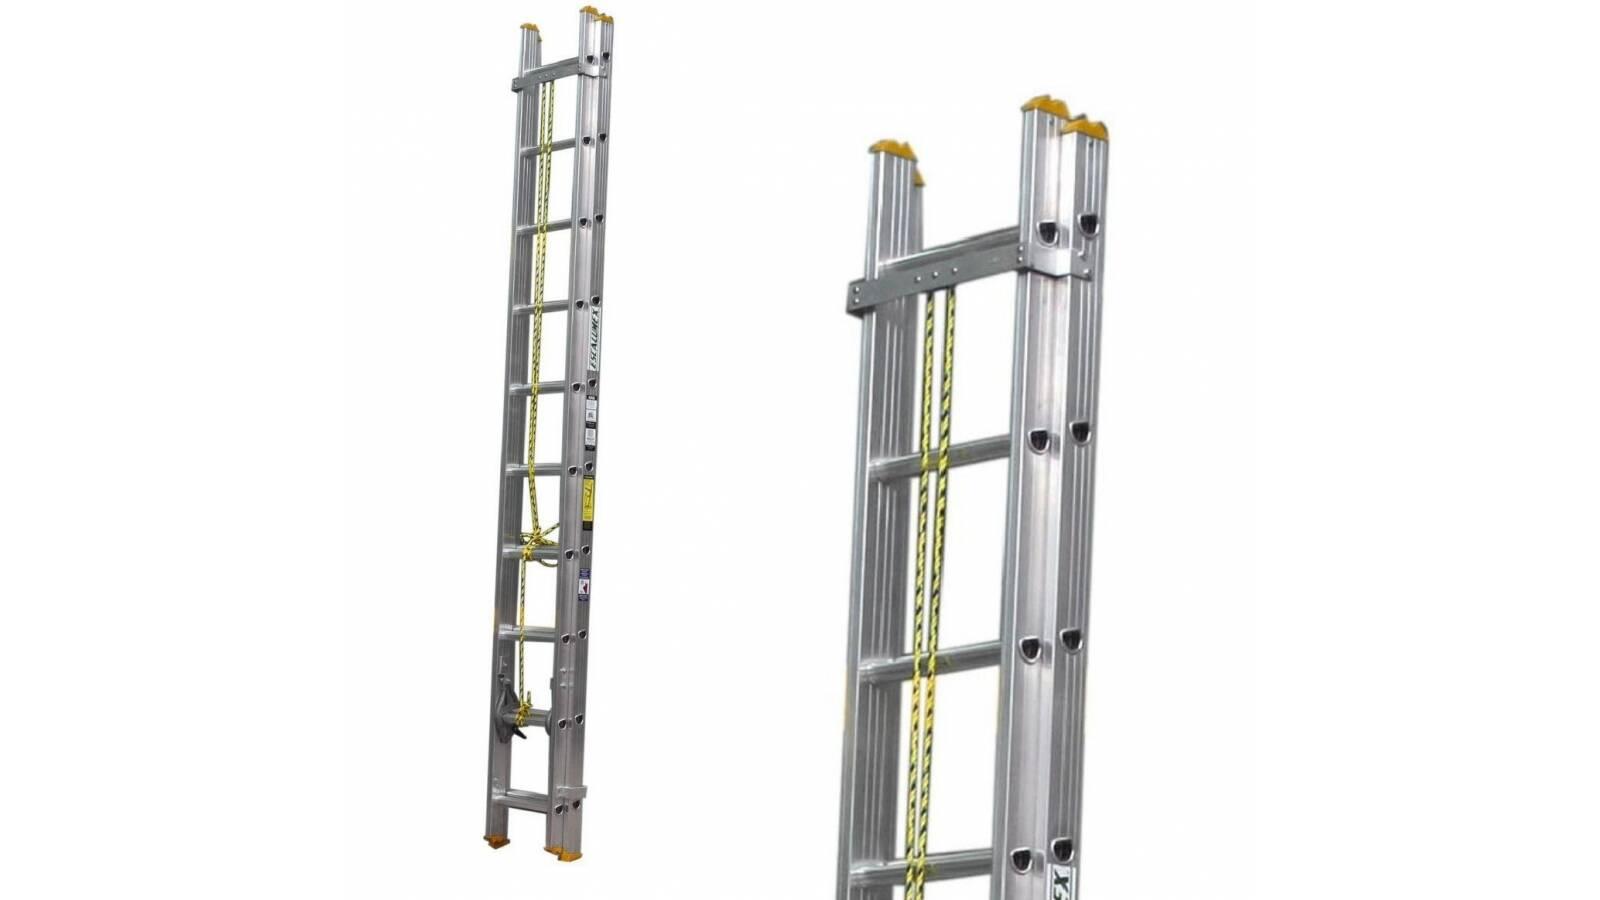 Escalera de extensión Escalumex 20 peldaños - Coliza